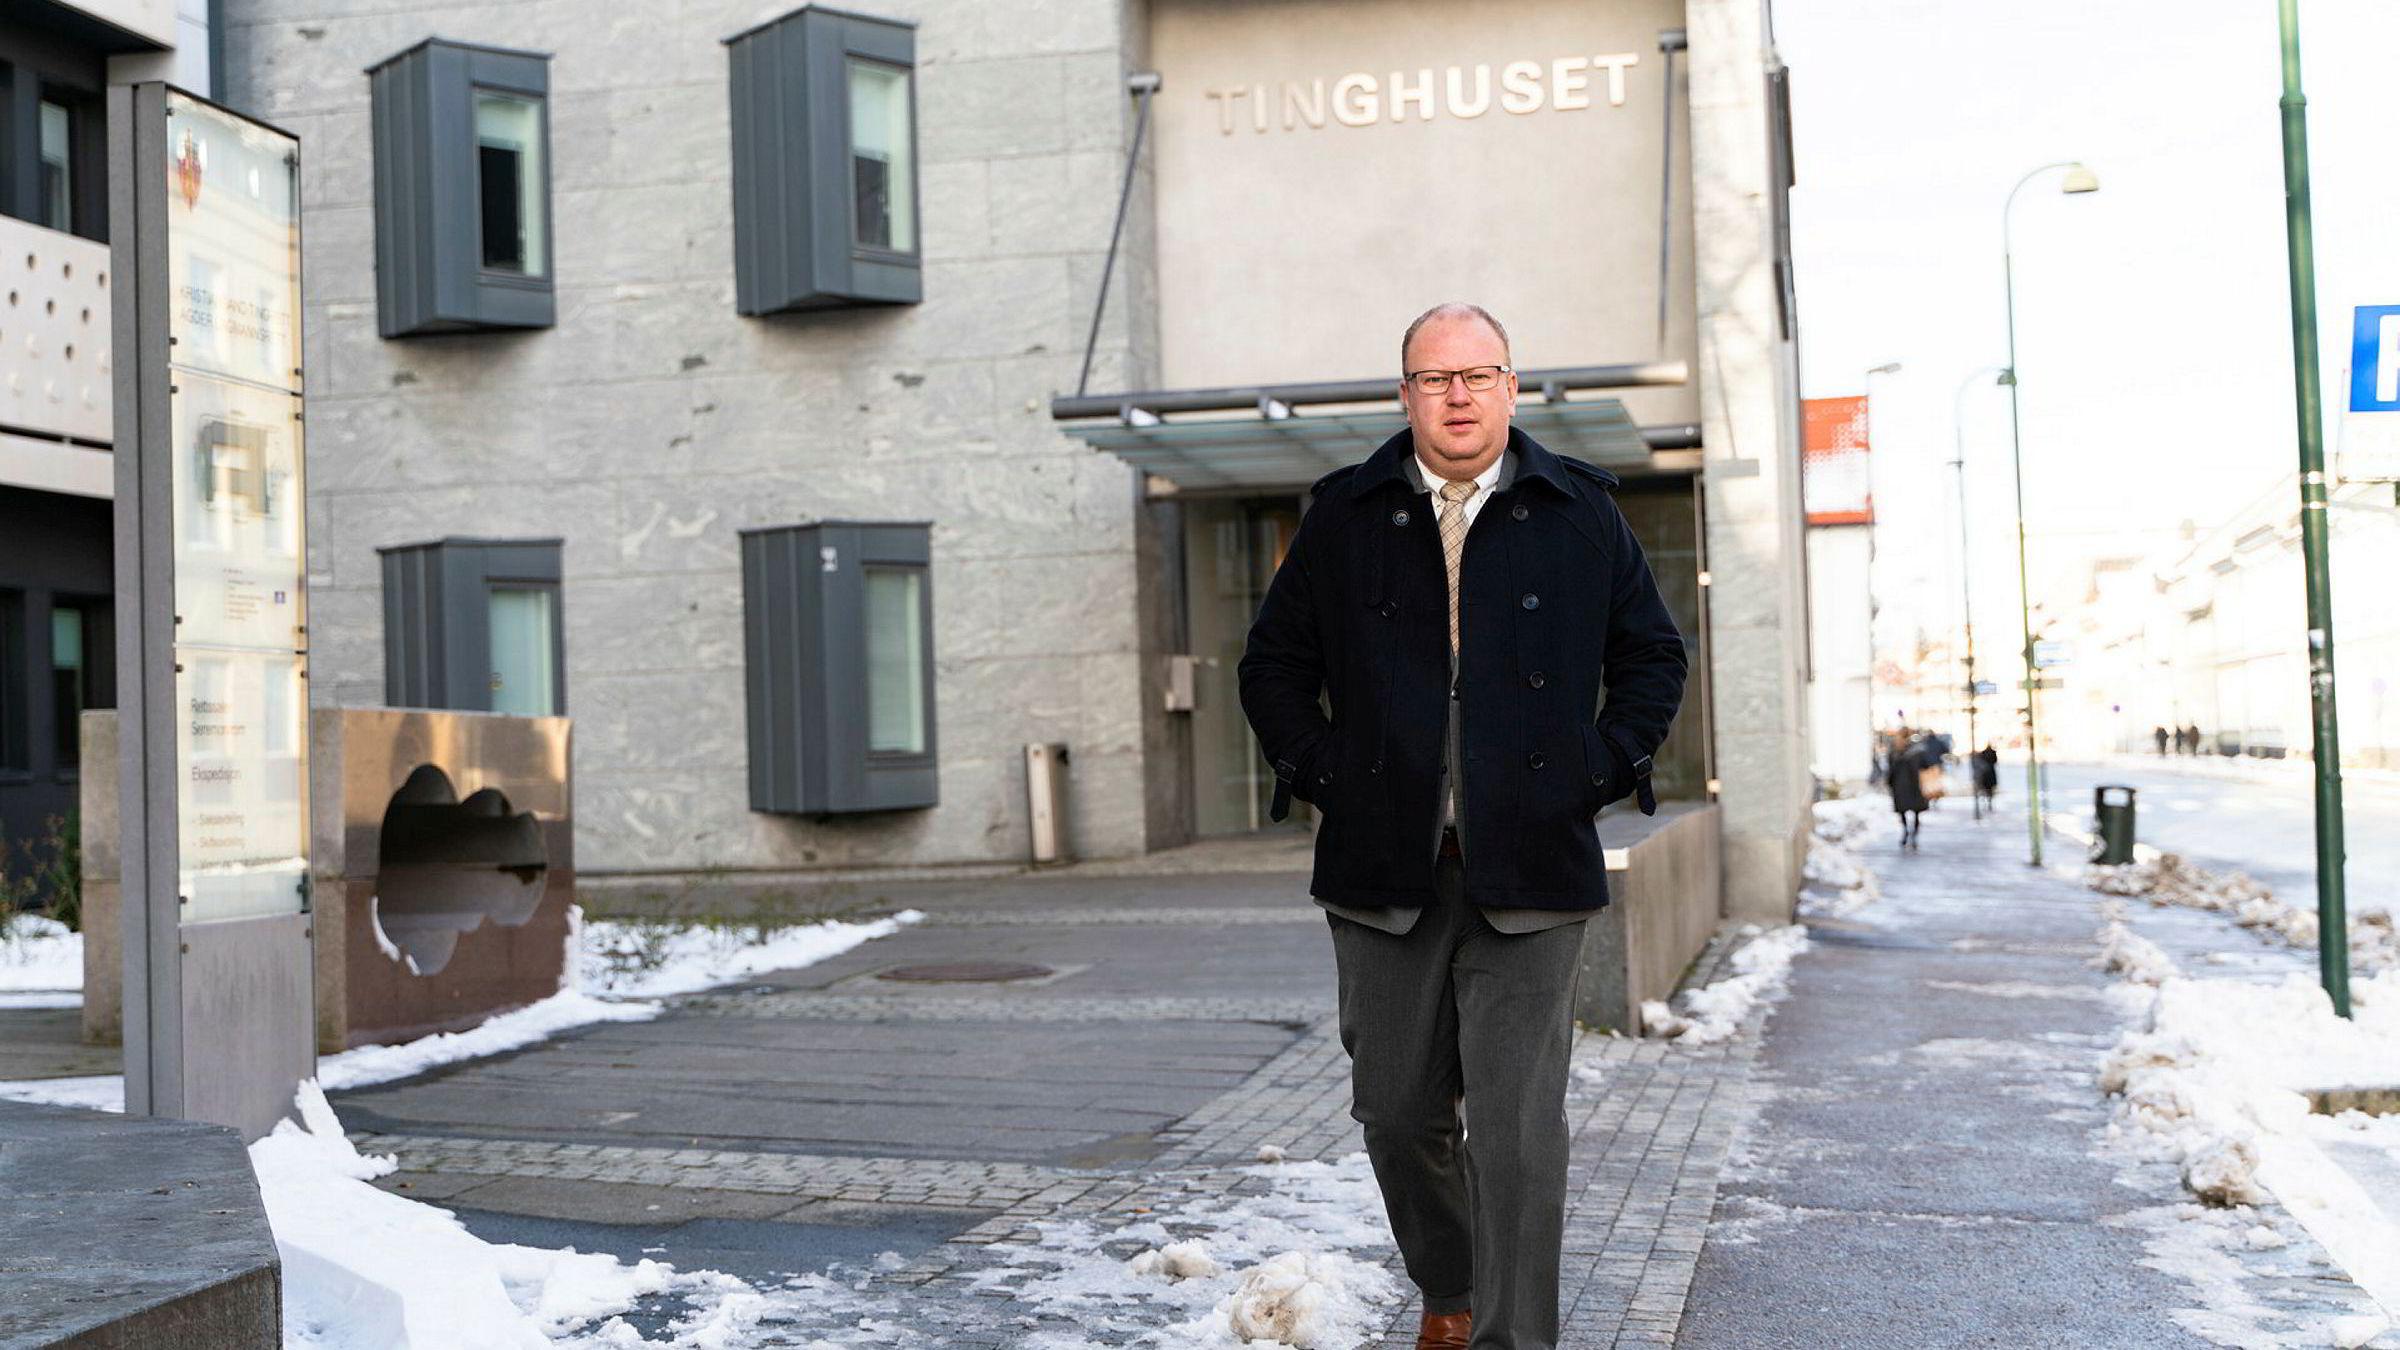 Advokat Marius Andre Stokke representerer en klient som er dømt til å betale erstatning til banken etter at han er utsatt for svindel med BankID. Saken har sluppet inn til behandling i Høyesterett, som den første BankID-saken.